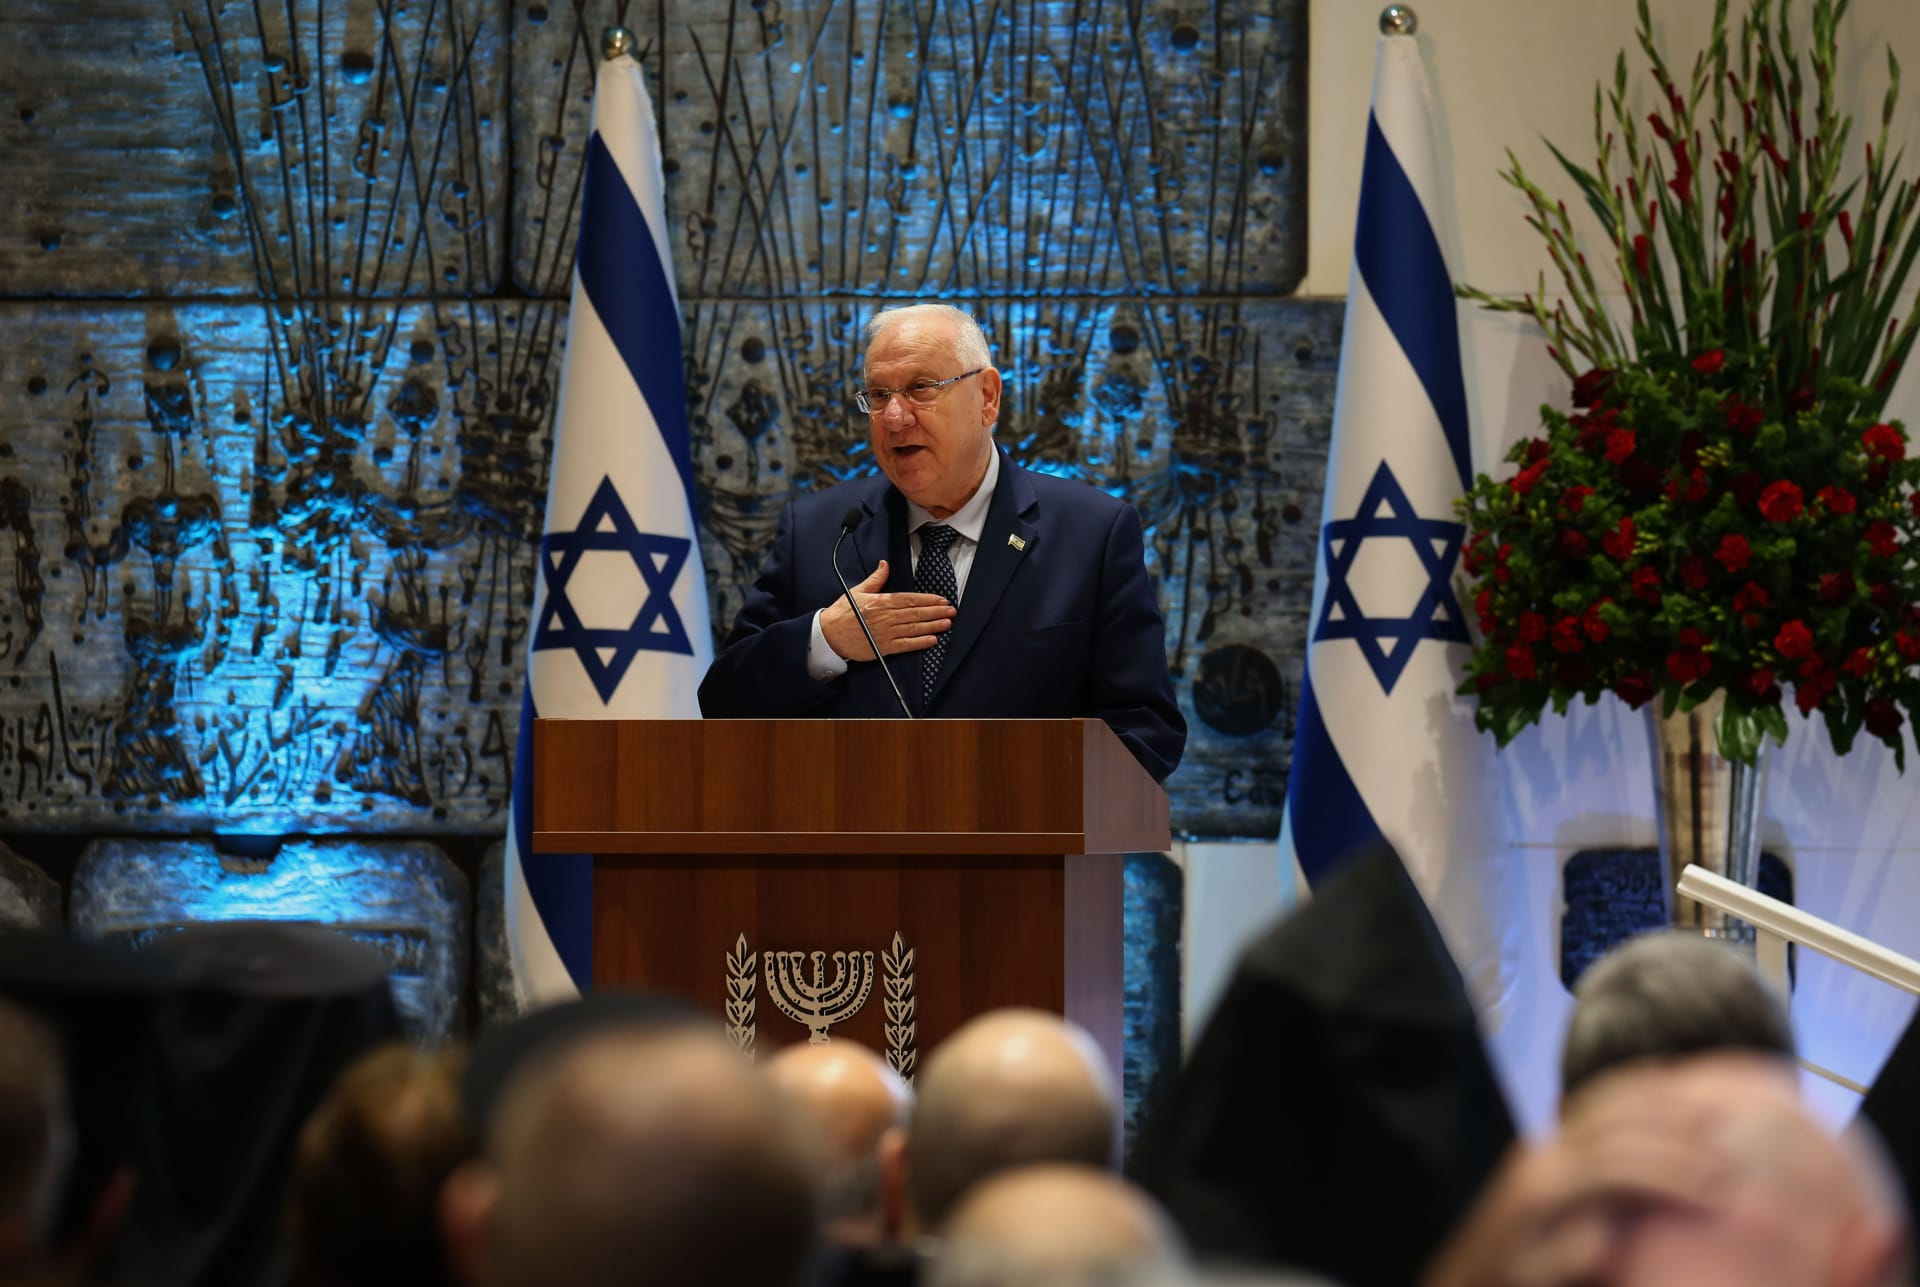 """رئيس إسرائيل يعلق على """"إدانة الاستيطان"""" ويؤكد: نمنح حرية العبادة بالقدس للجميع"""